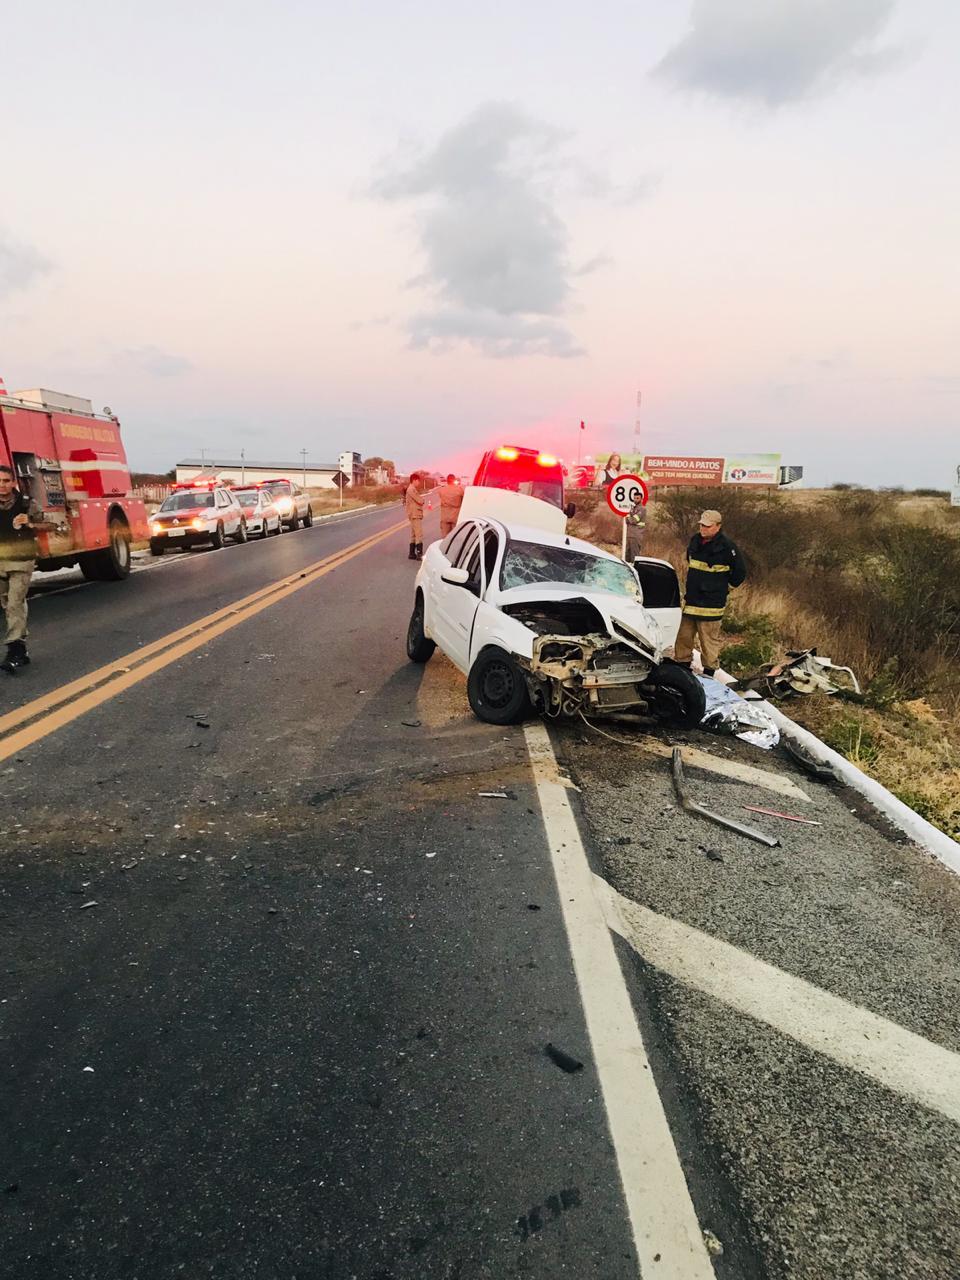 WhatsApp Image 2019 10 05 at 08.49.16 - COLISÃO FRONTAL: grave acidente entre carro e van deixa um morto e seis feridos em Patos